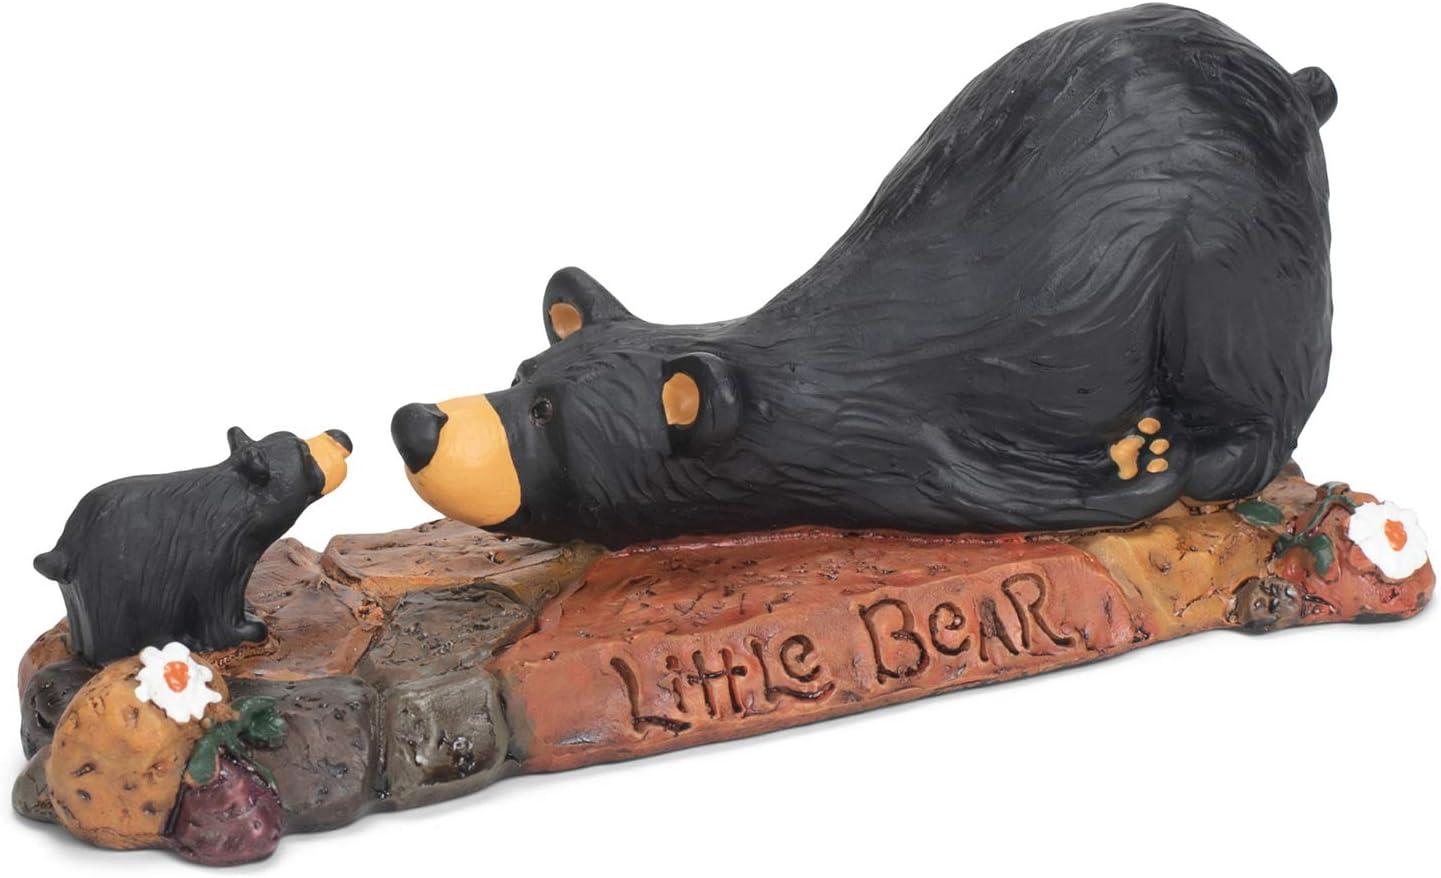 DEMDACO Little Bear Black Bear 2 x 6 Hand-cast Resin Figurine Sculpture